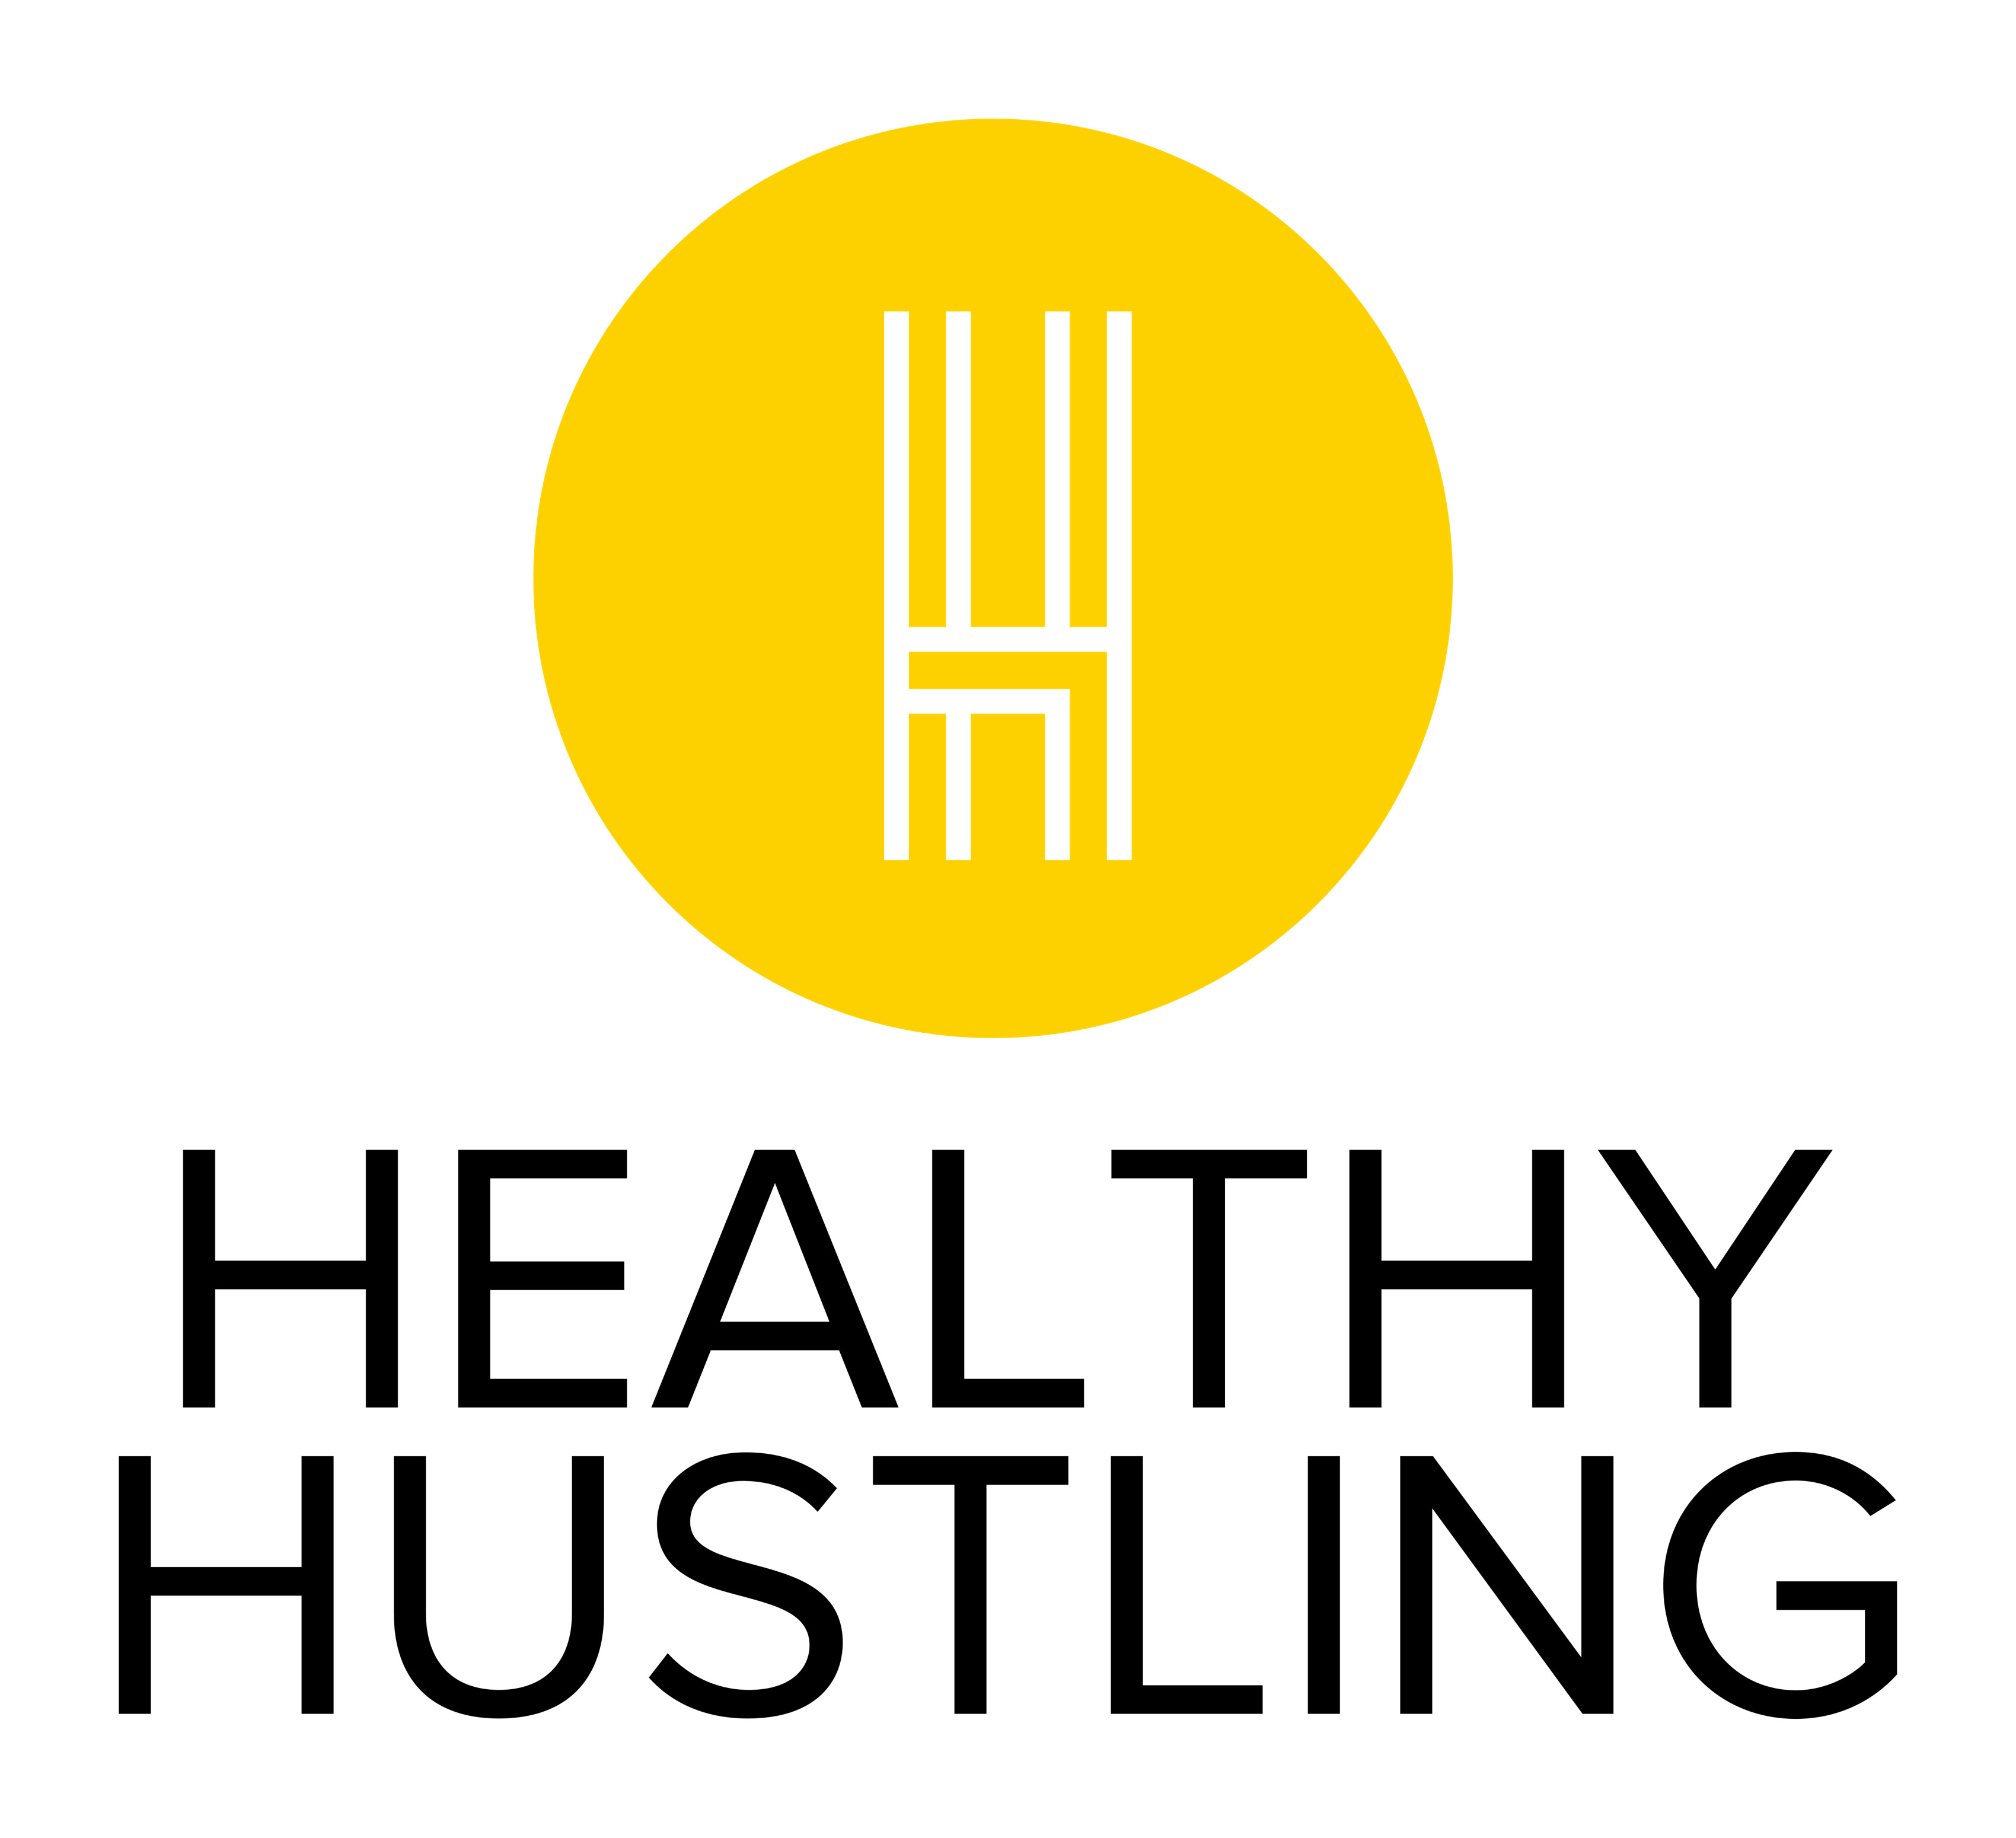 Healthy Hustling, a chatbot developer